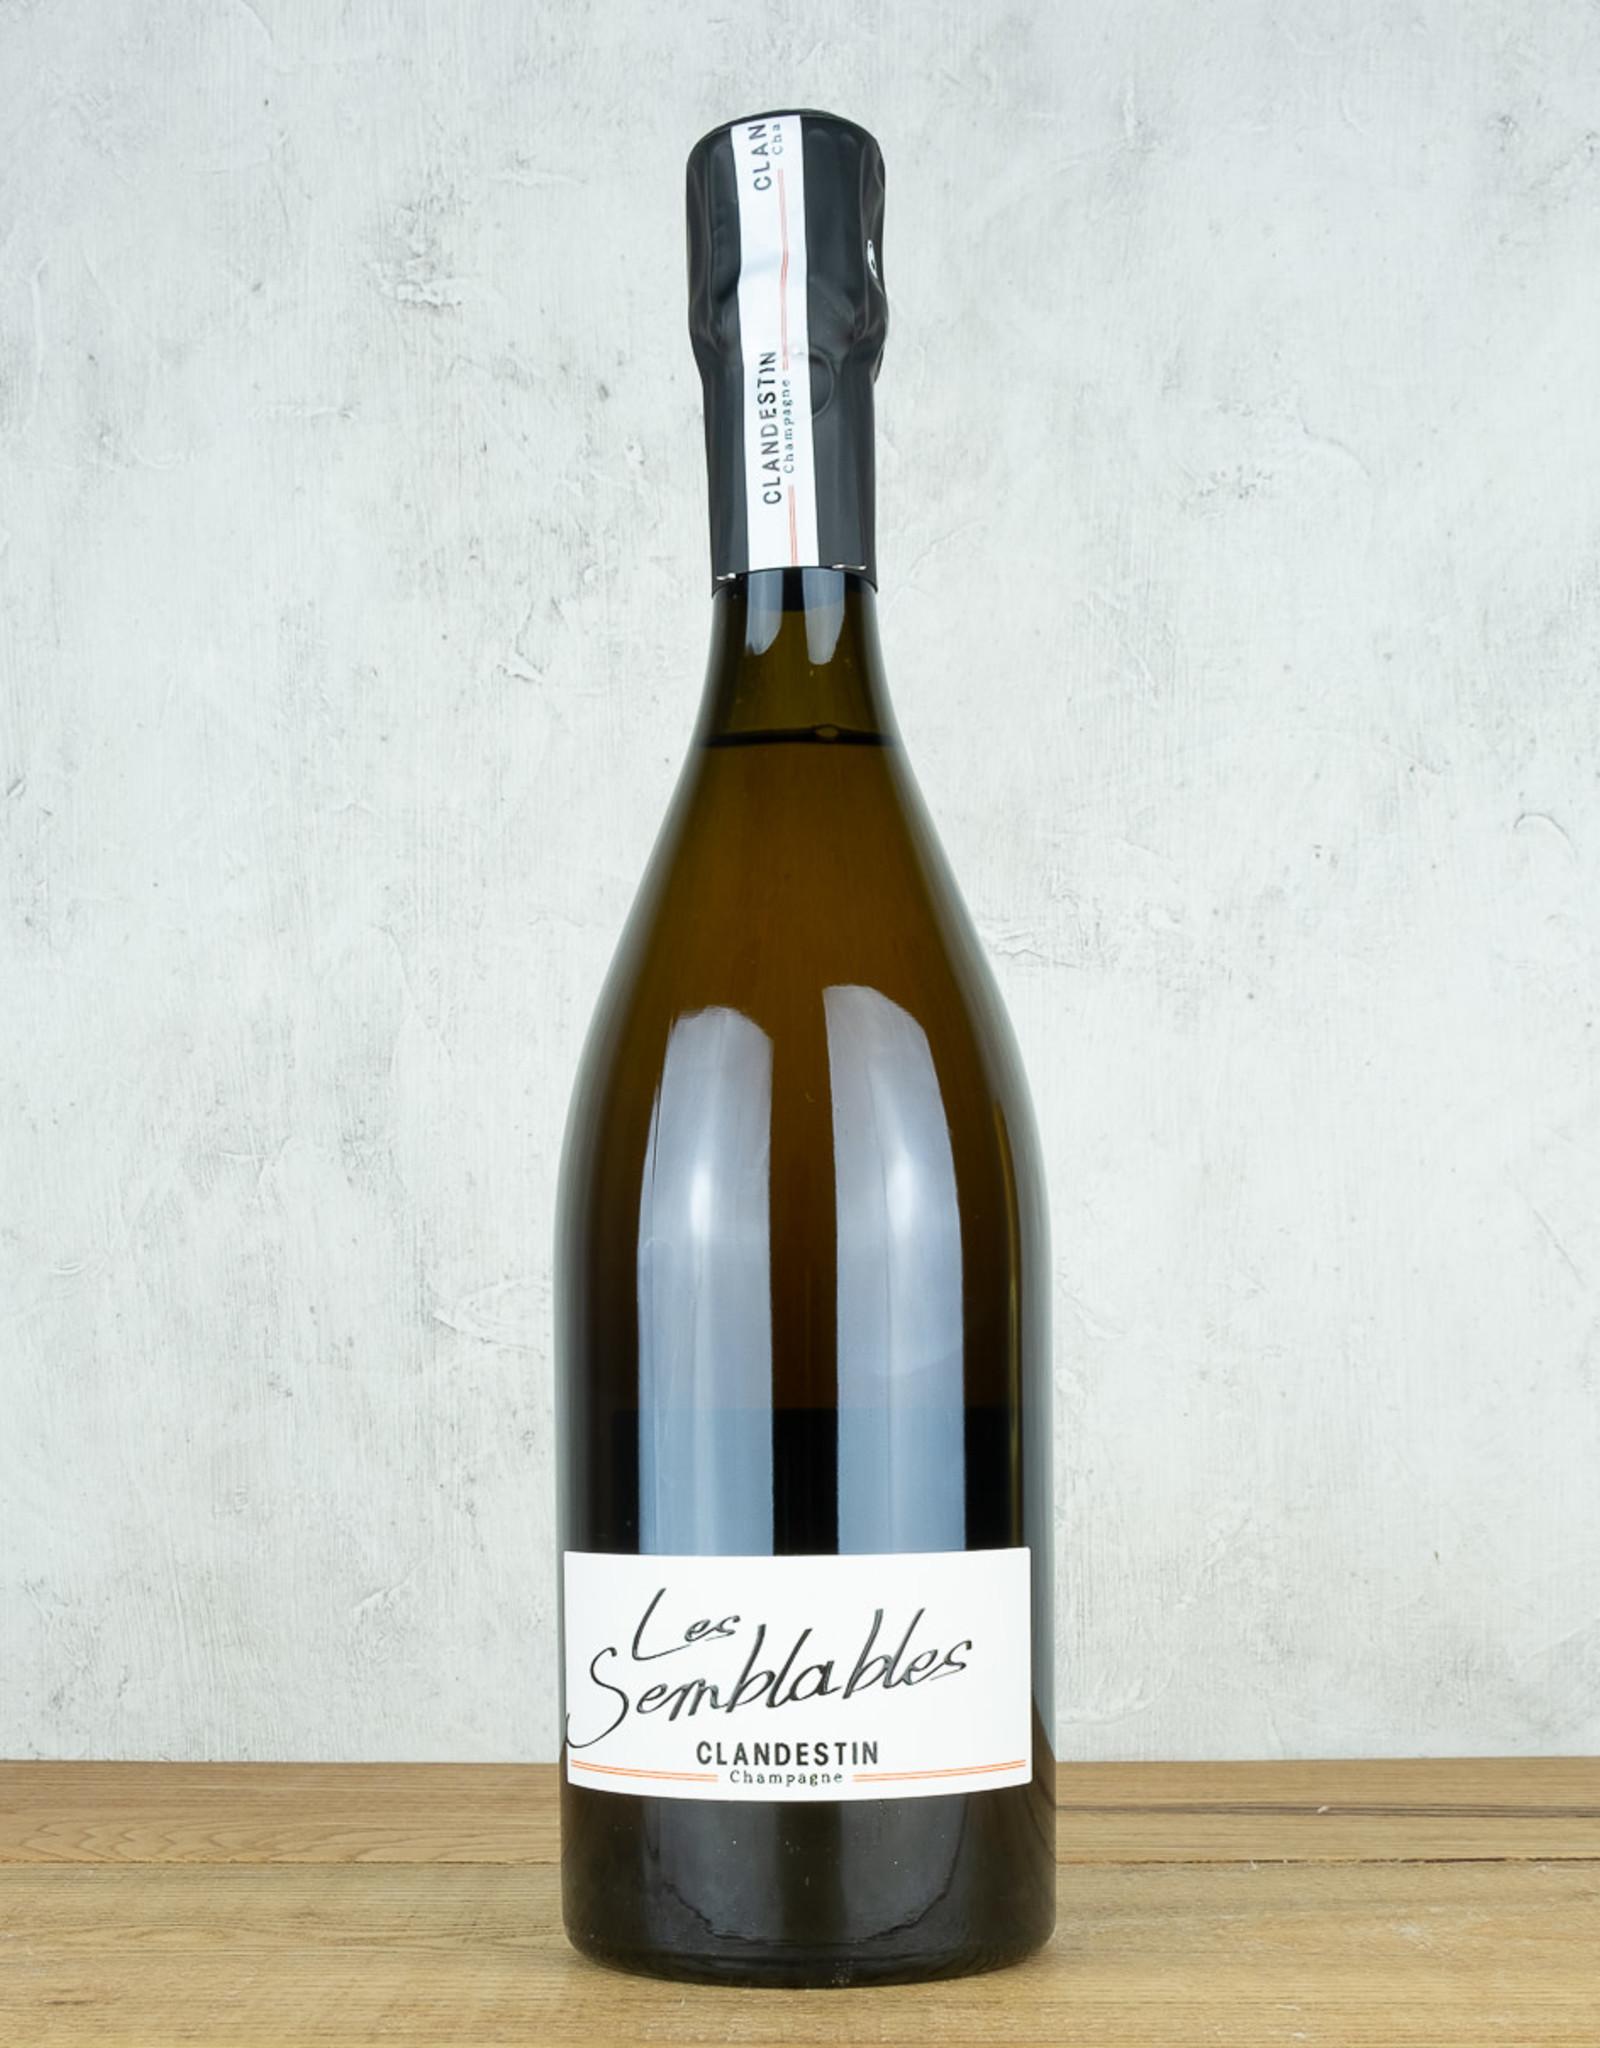 Clandestin Champagne Les Semblables